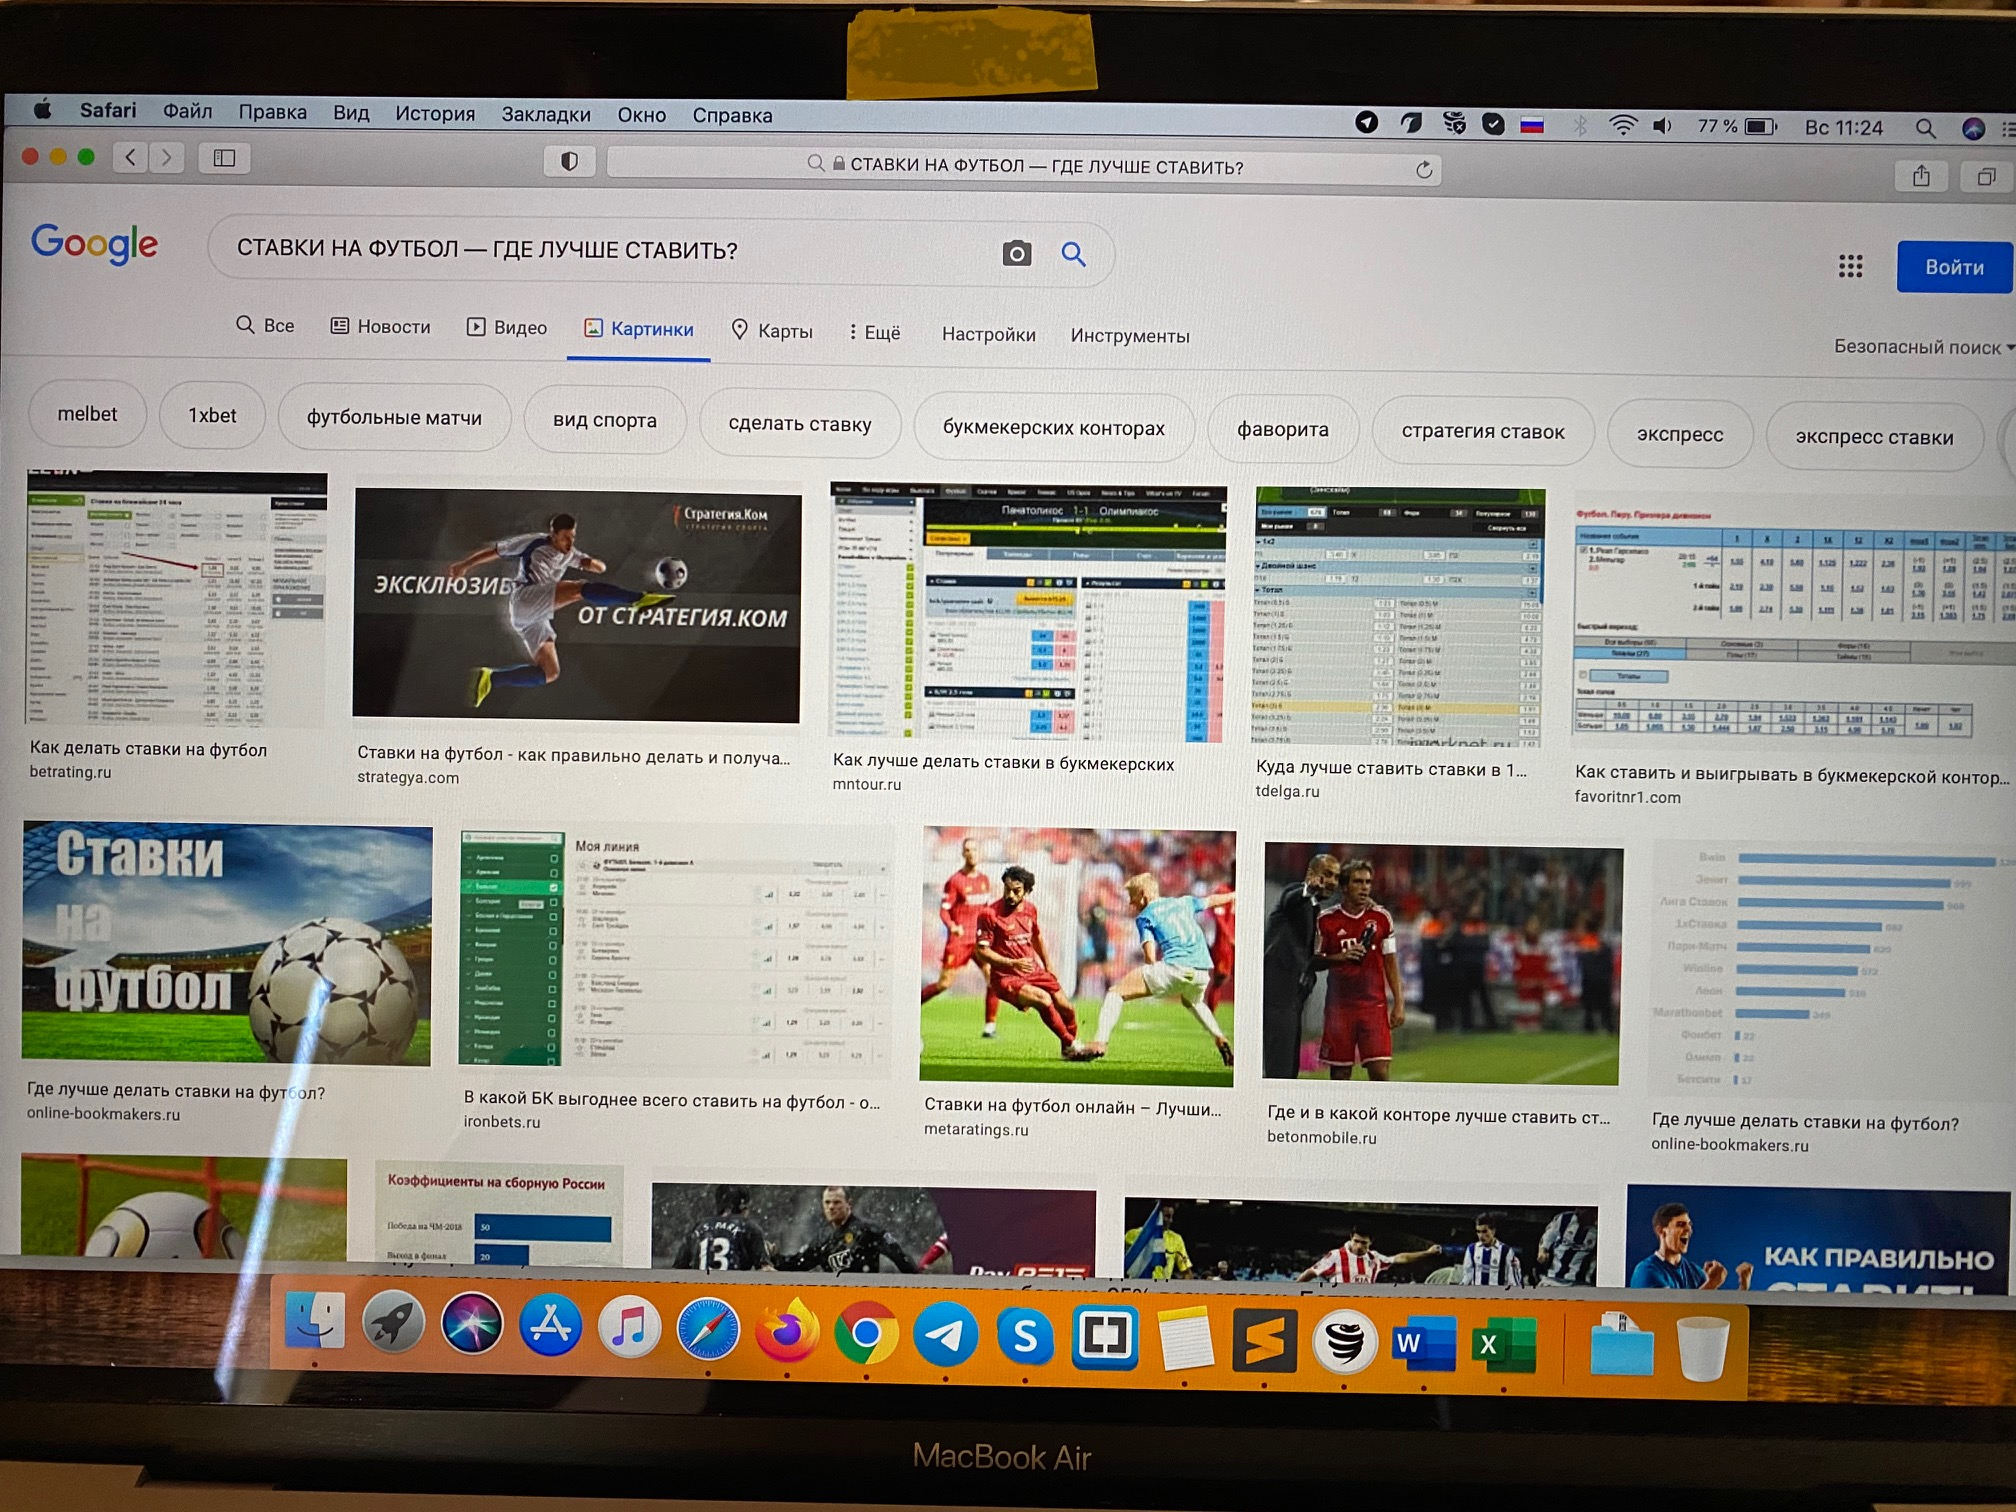 Ставки на футбол — где лучше ставить?